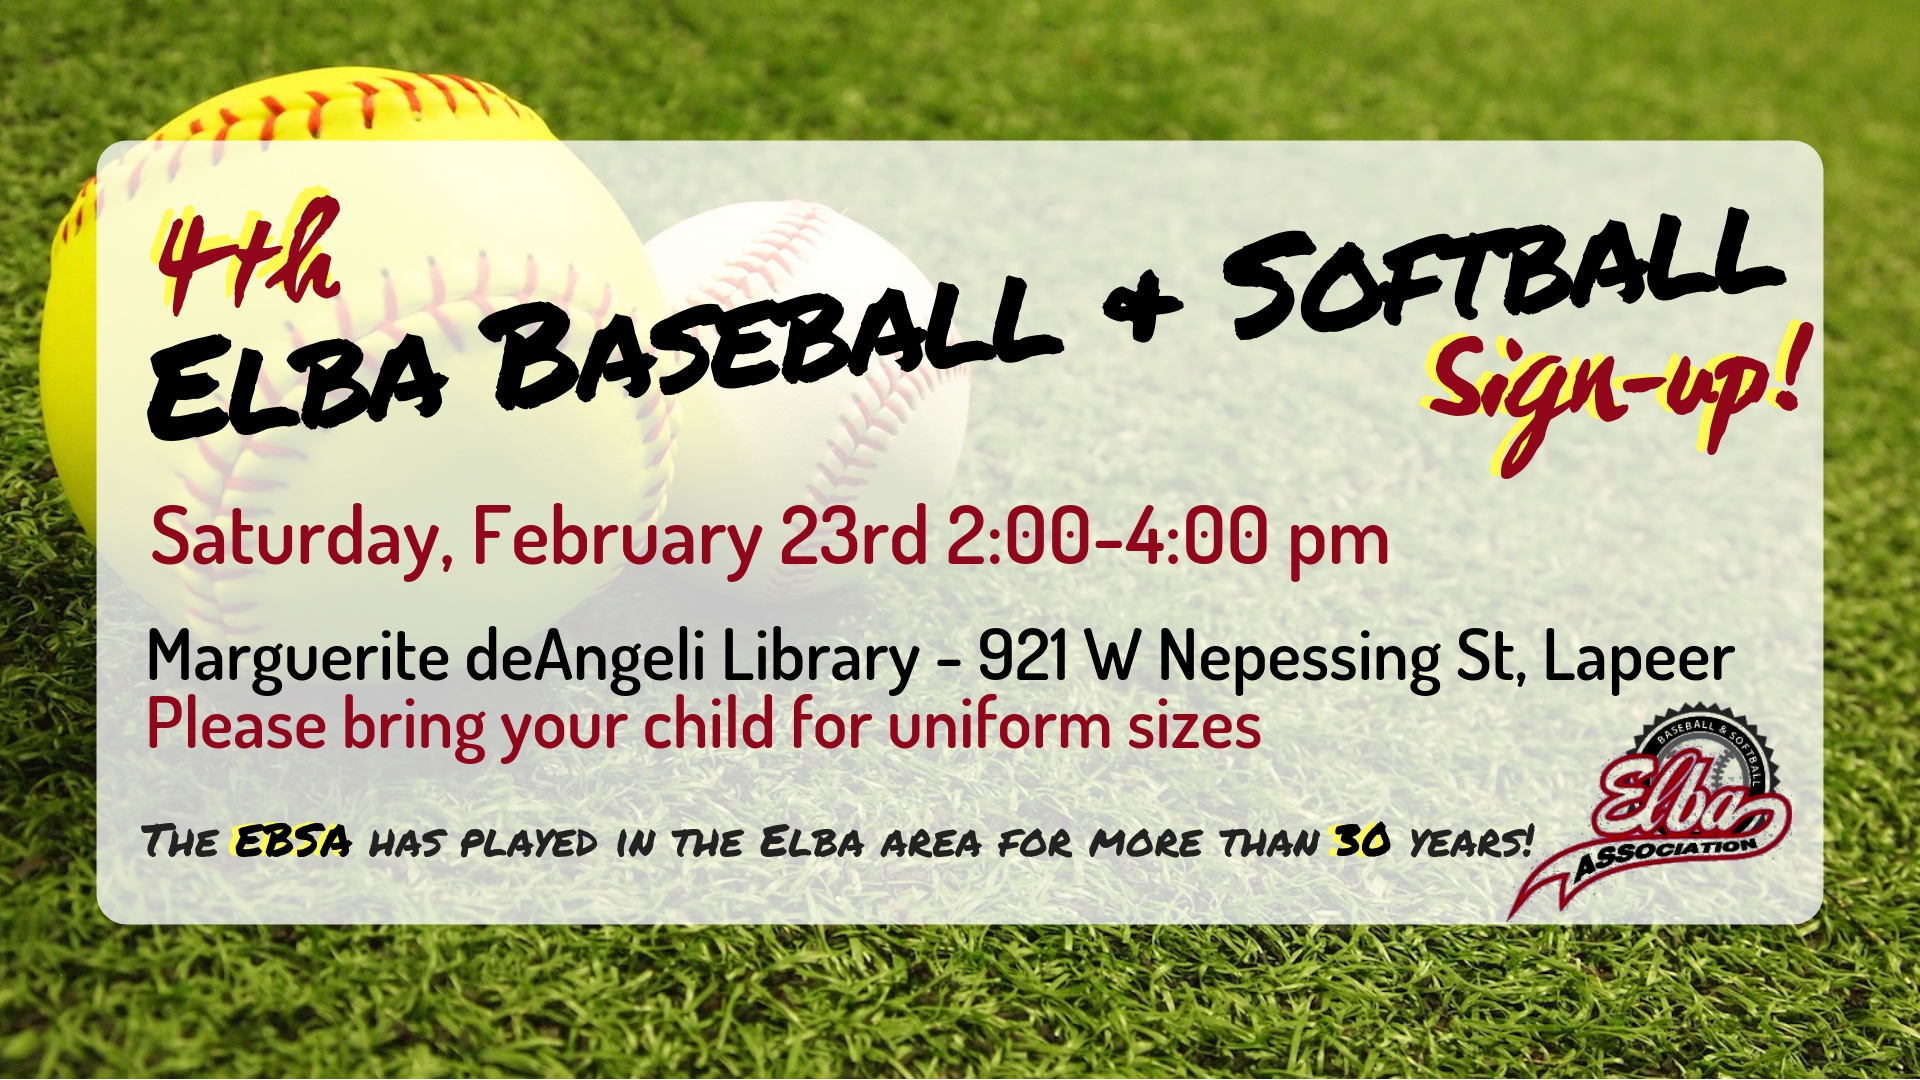 Elba Baseball and Softball sign-up! (4th)